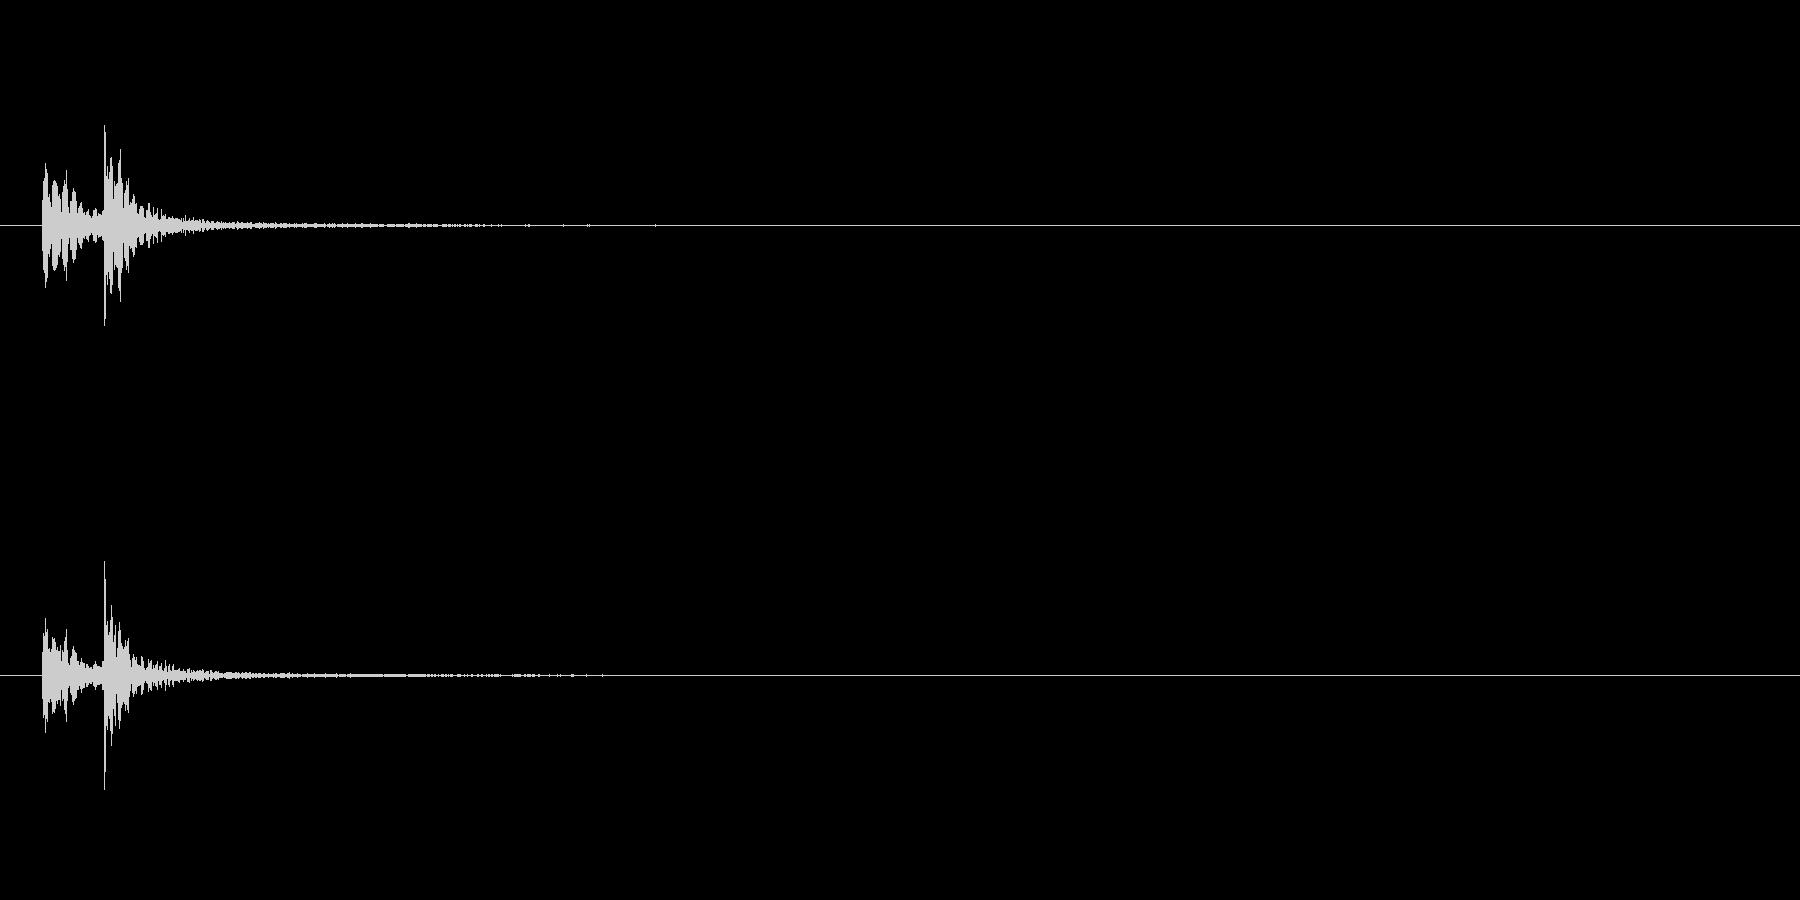 相撲などの触れ太鼓「大拍子」単発音3FXの未再生の波形